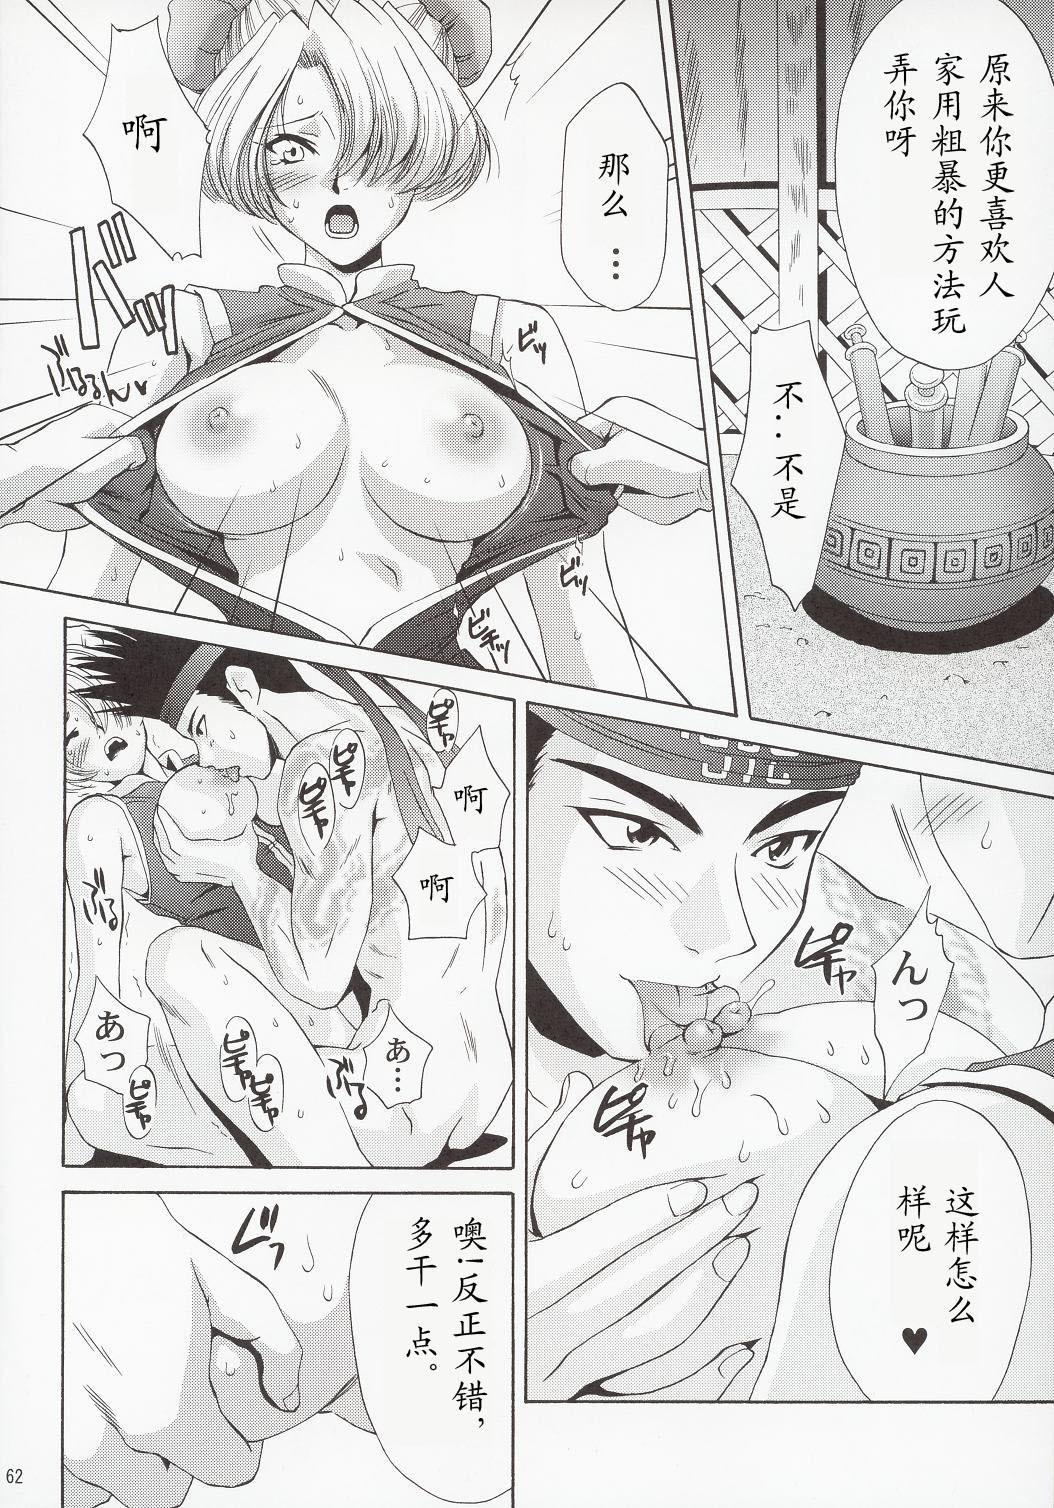 In Sangoku Musou 60